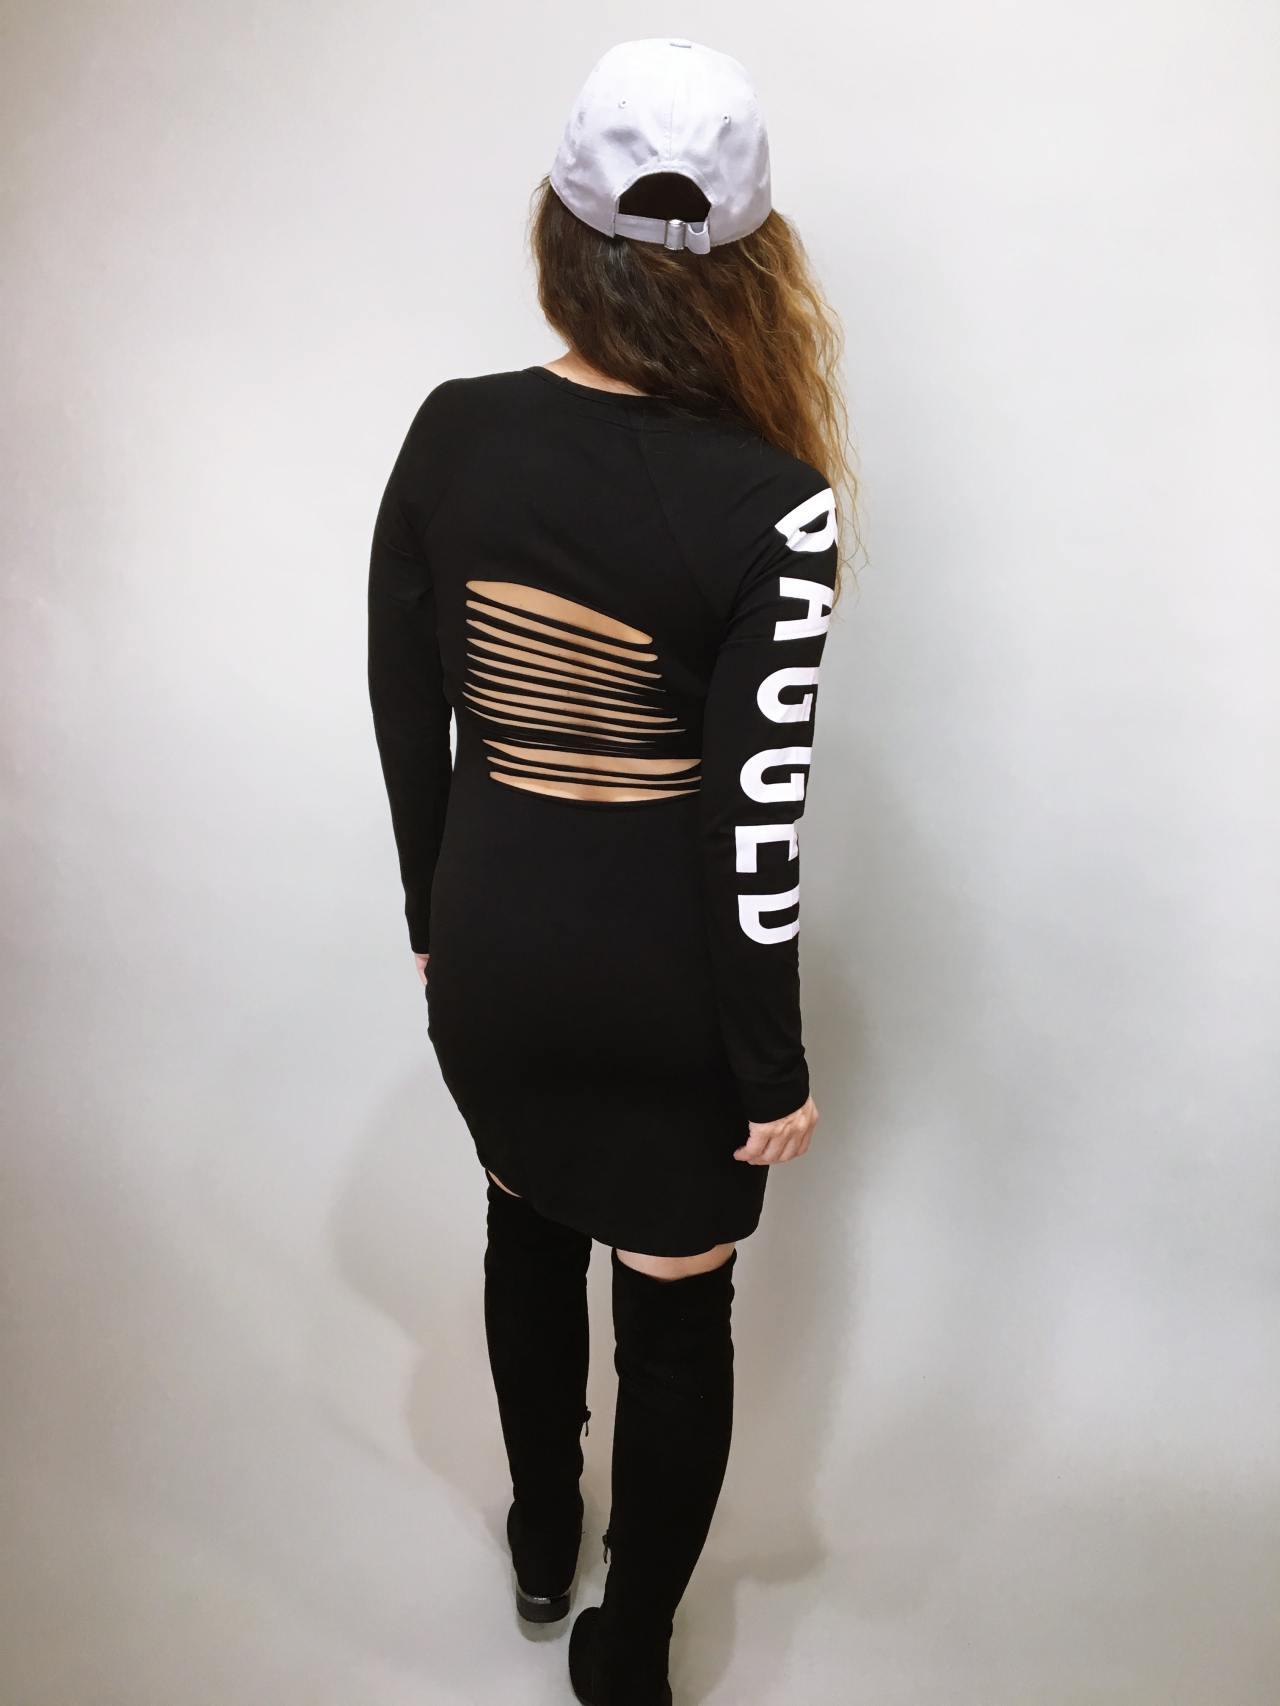 Šaty Bagged černé 04